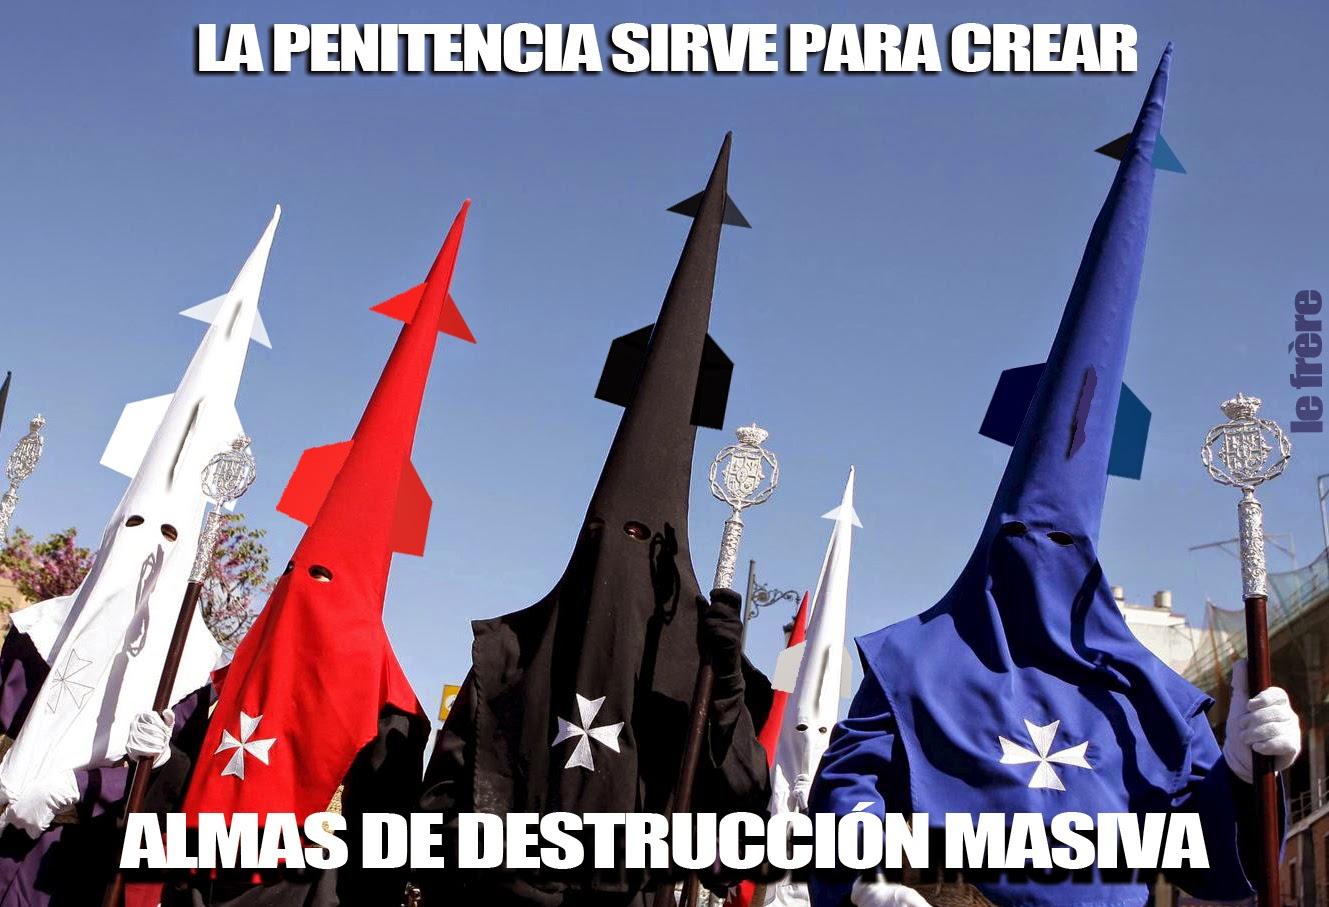 """""""Semana Santa"""", """"penitencia"""", """"alma"""", """"destrucción masiva"""", """"armas"""""""